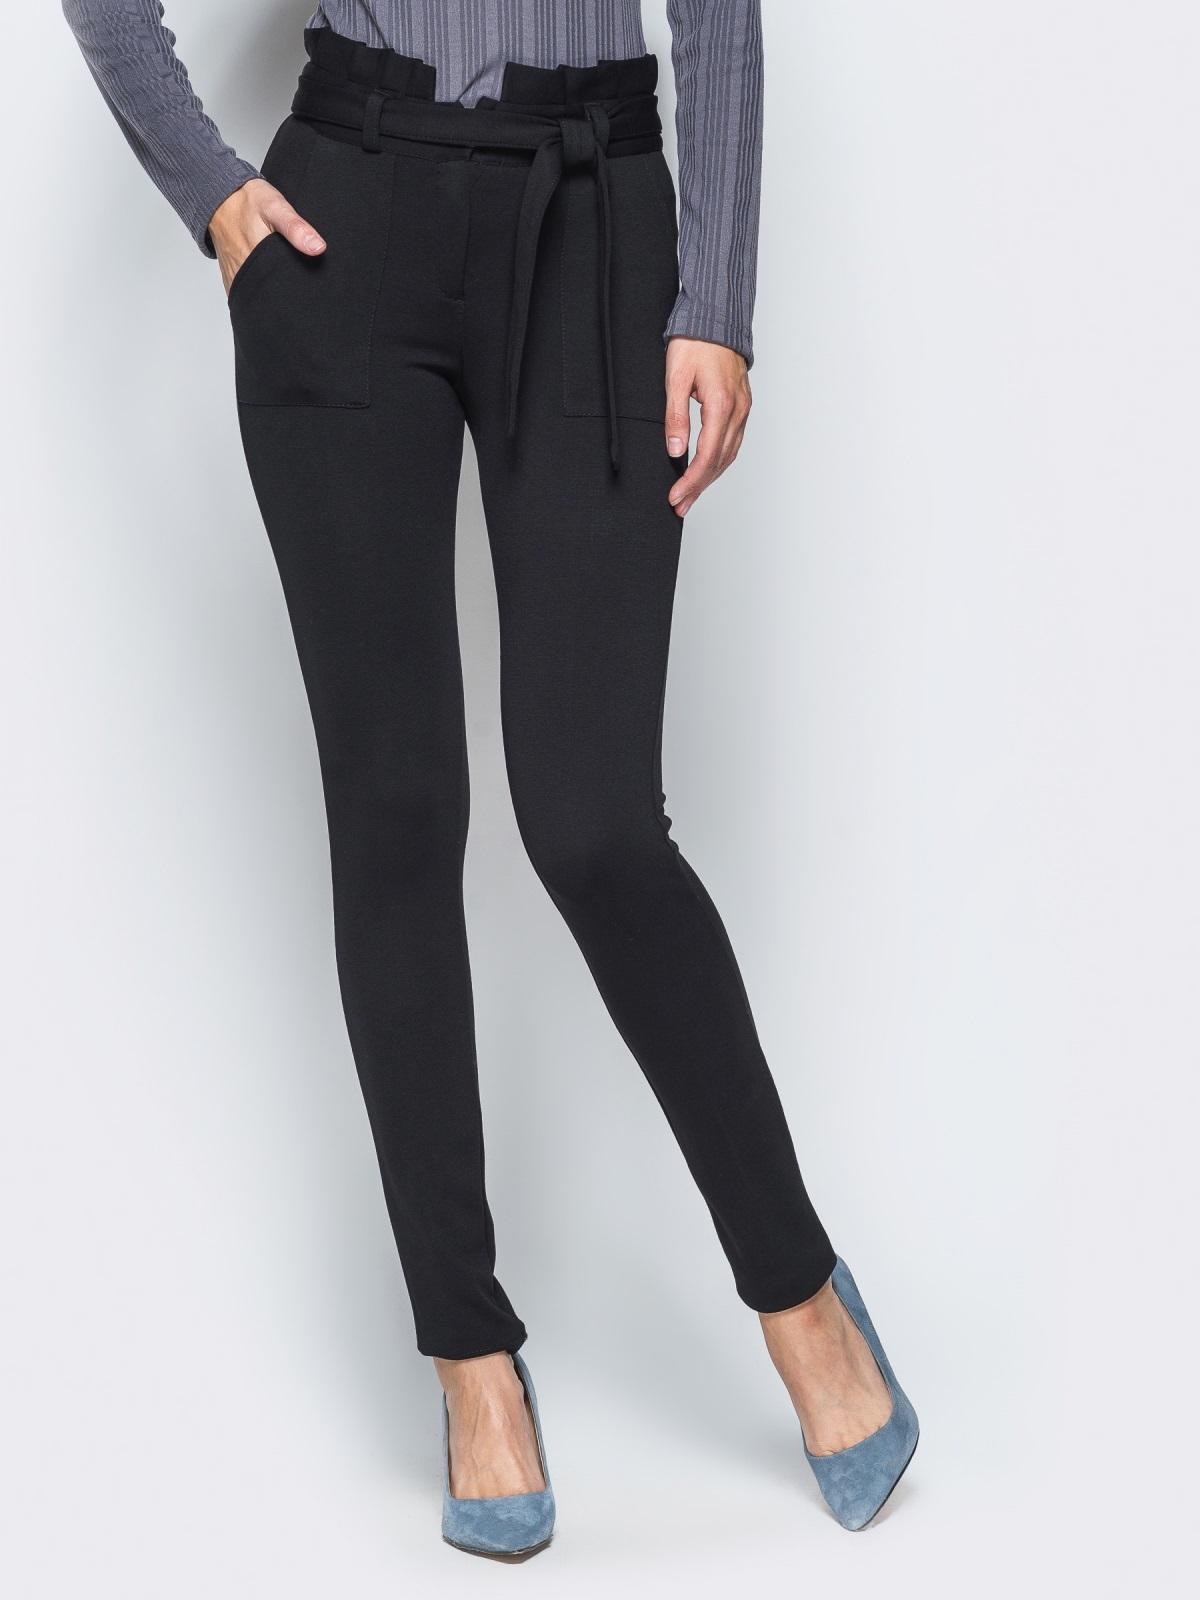 Зауженные брюки черного цвета на флисе - 17743, фото 1 – интернет-магазин Dressa